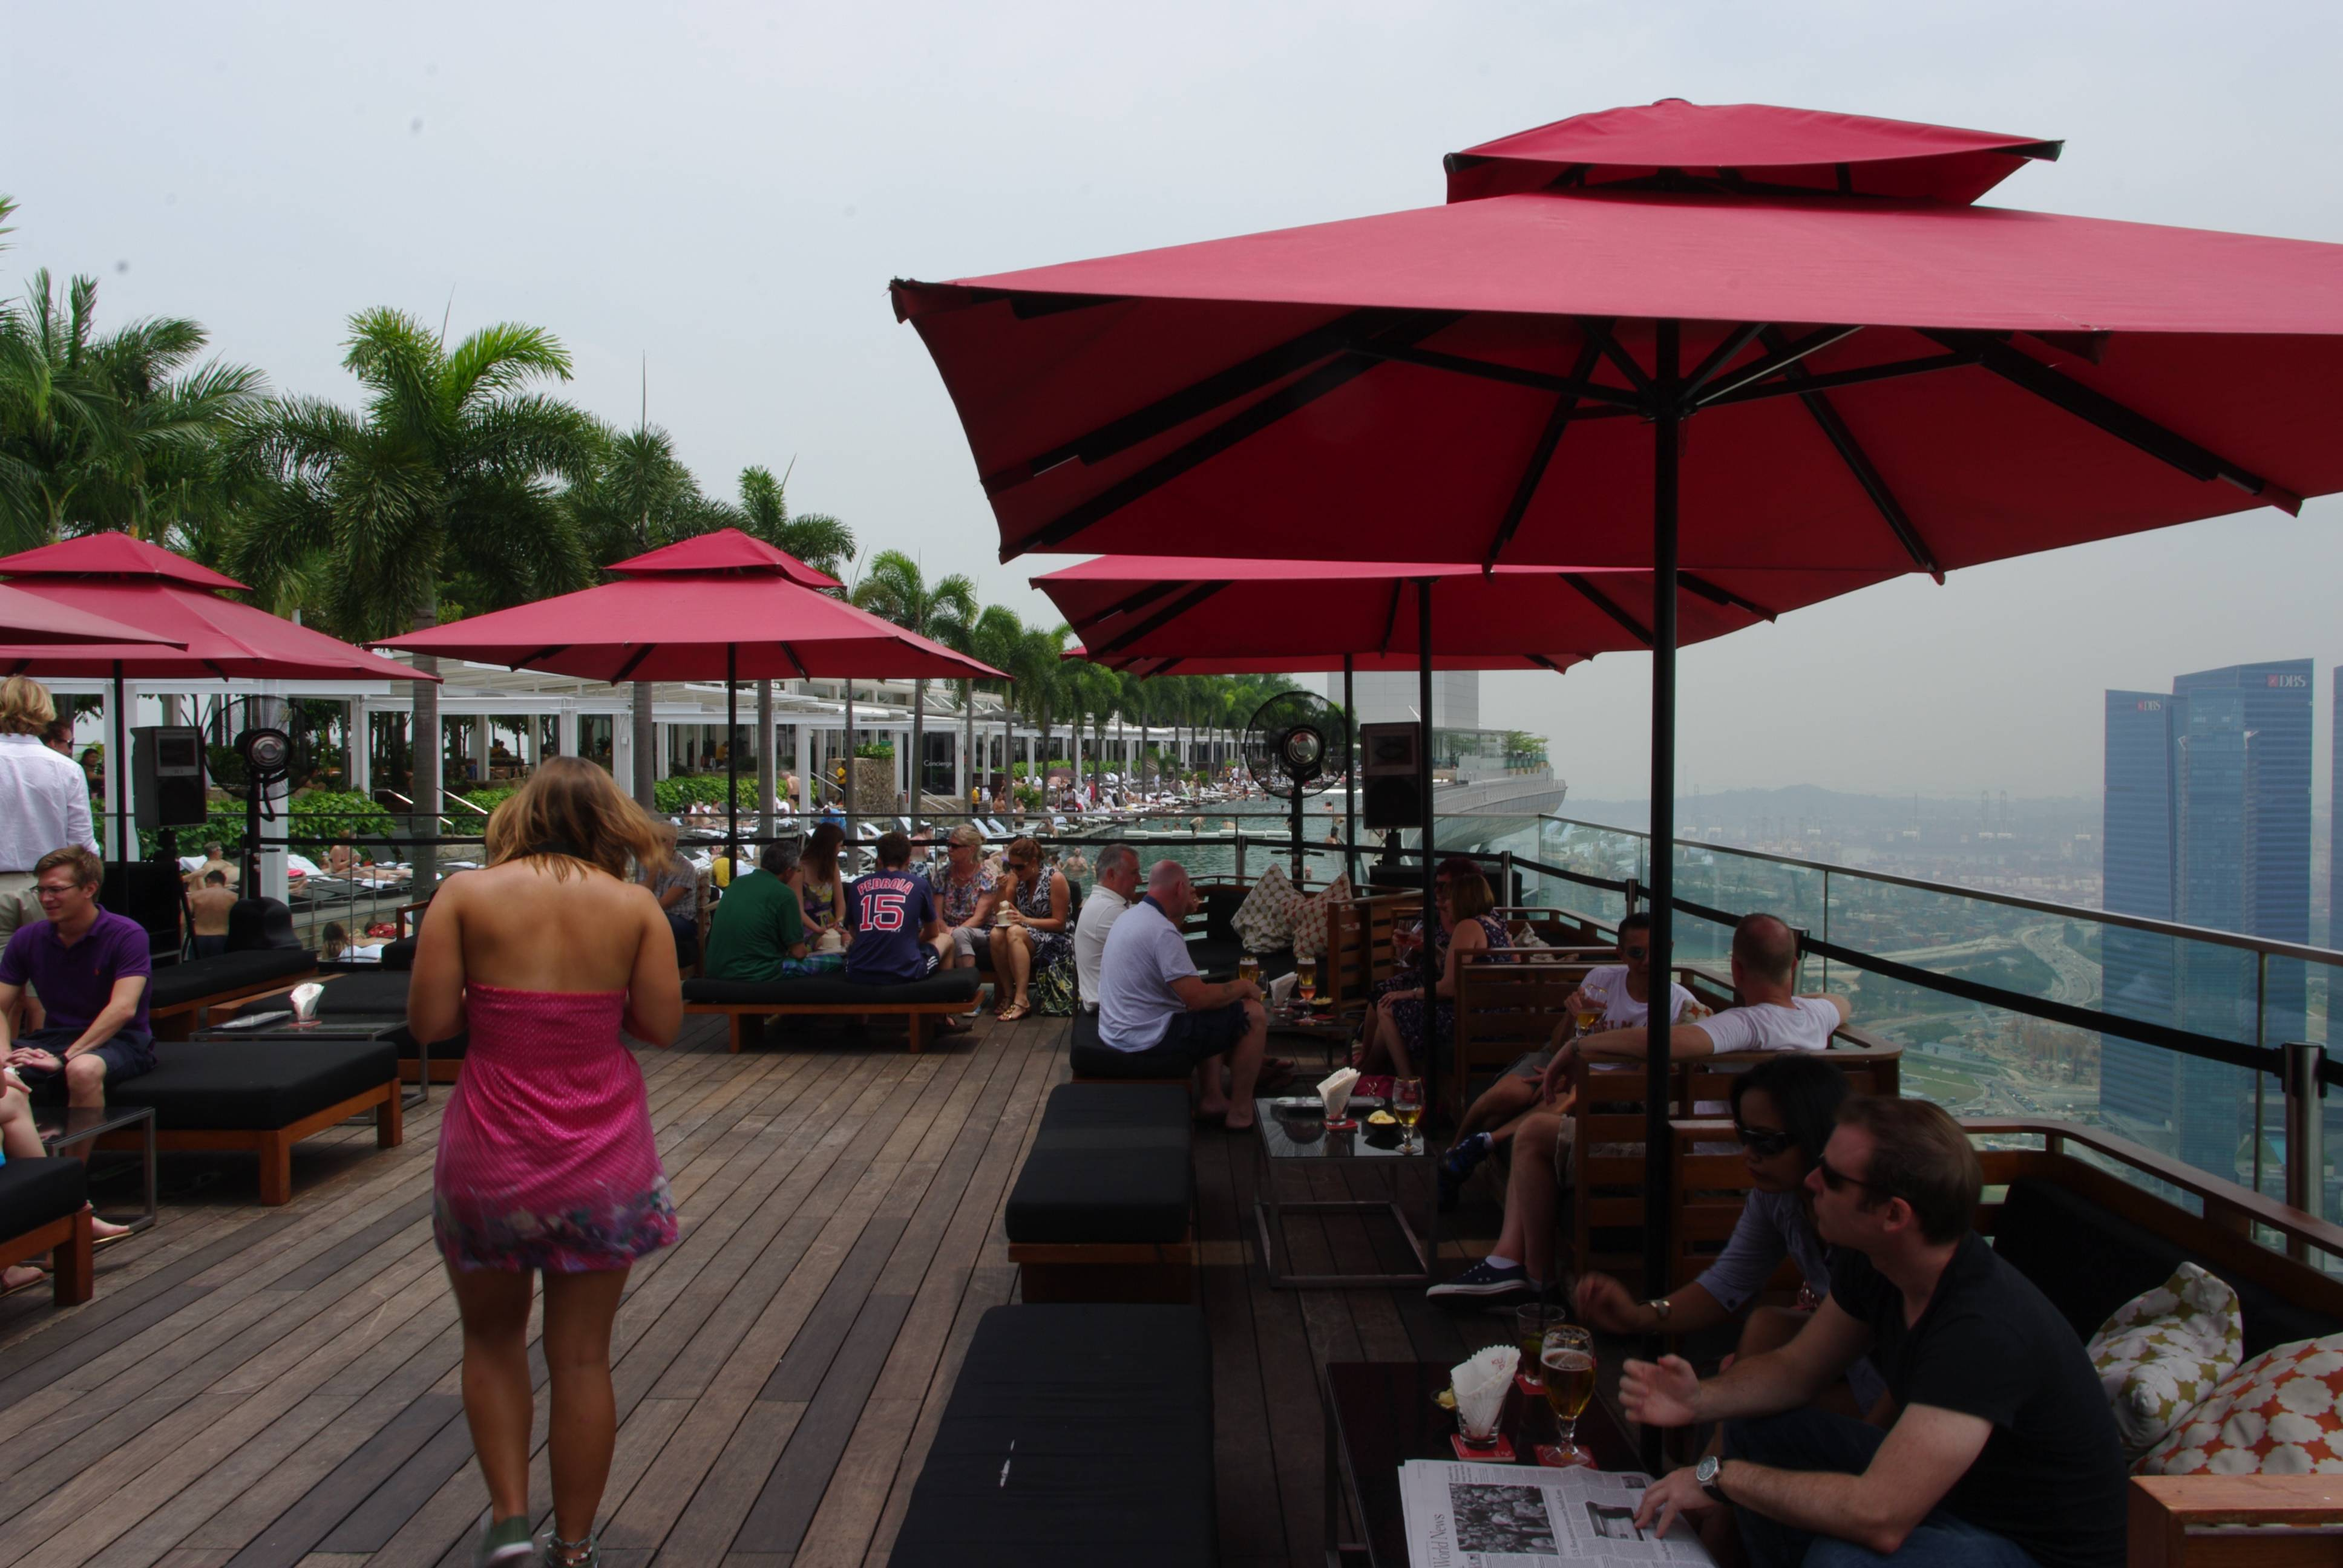 Photo 3: Meilleur rooftop de Singapour